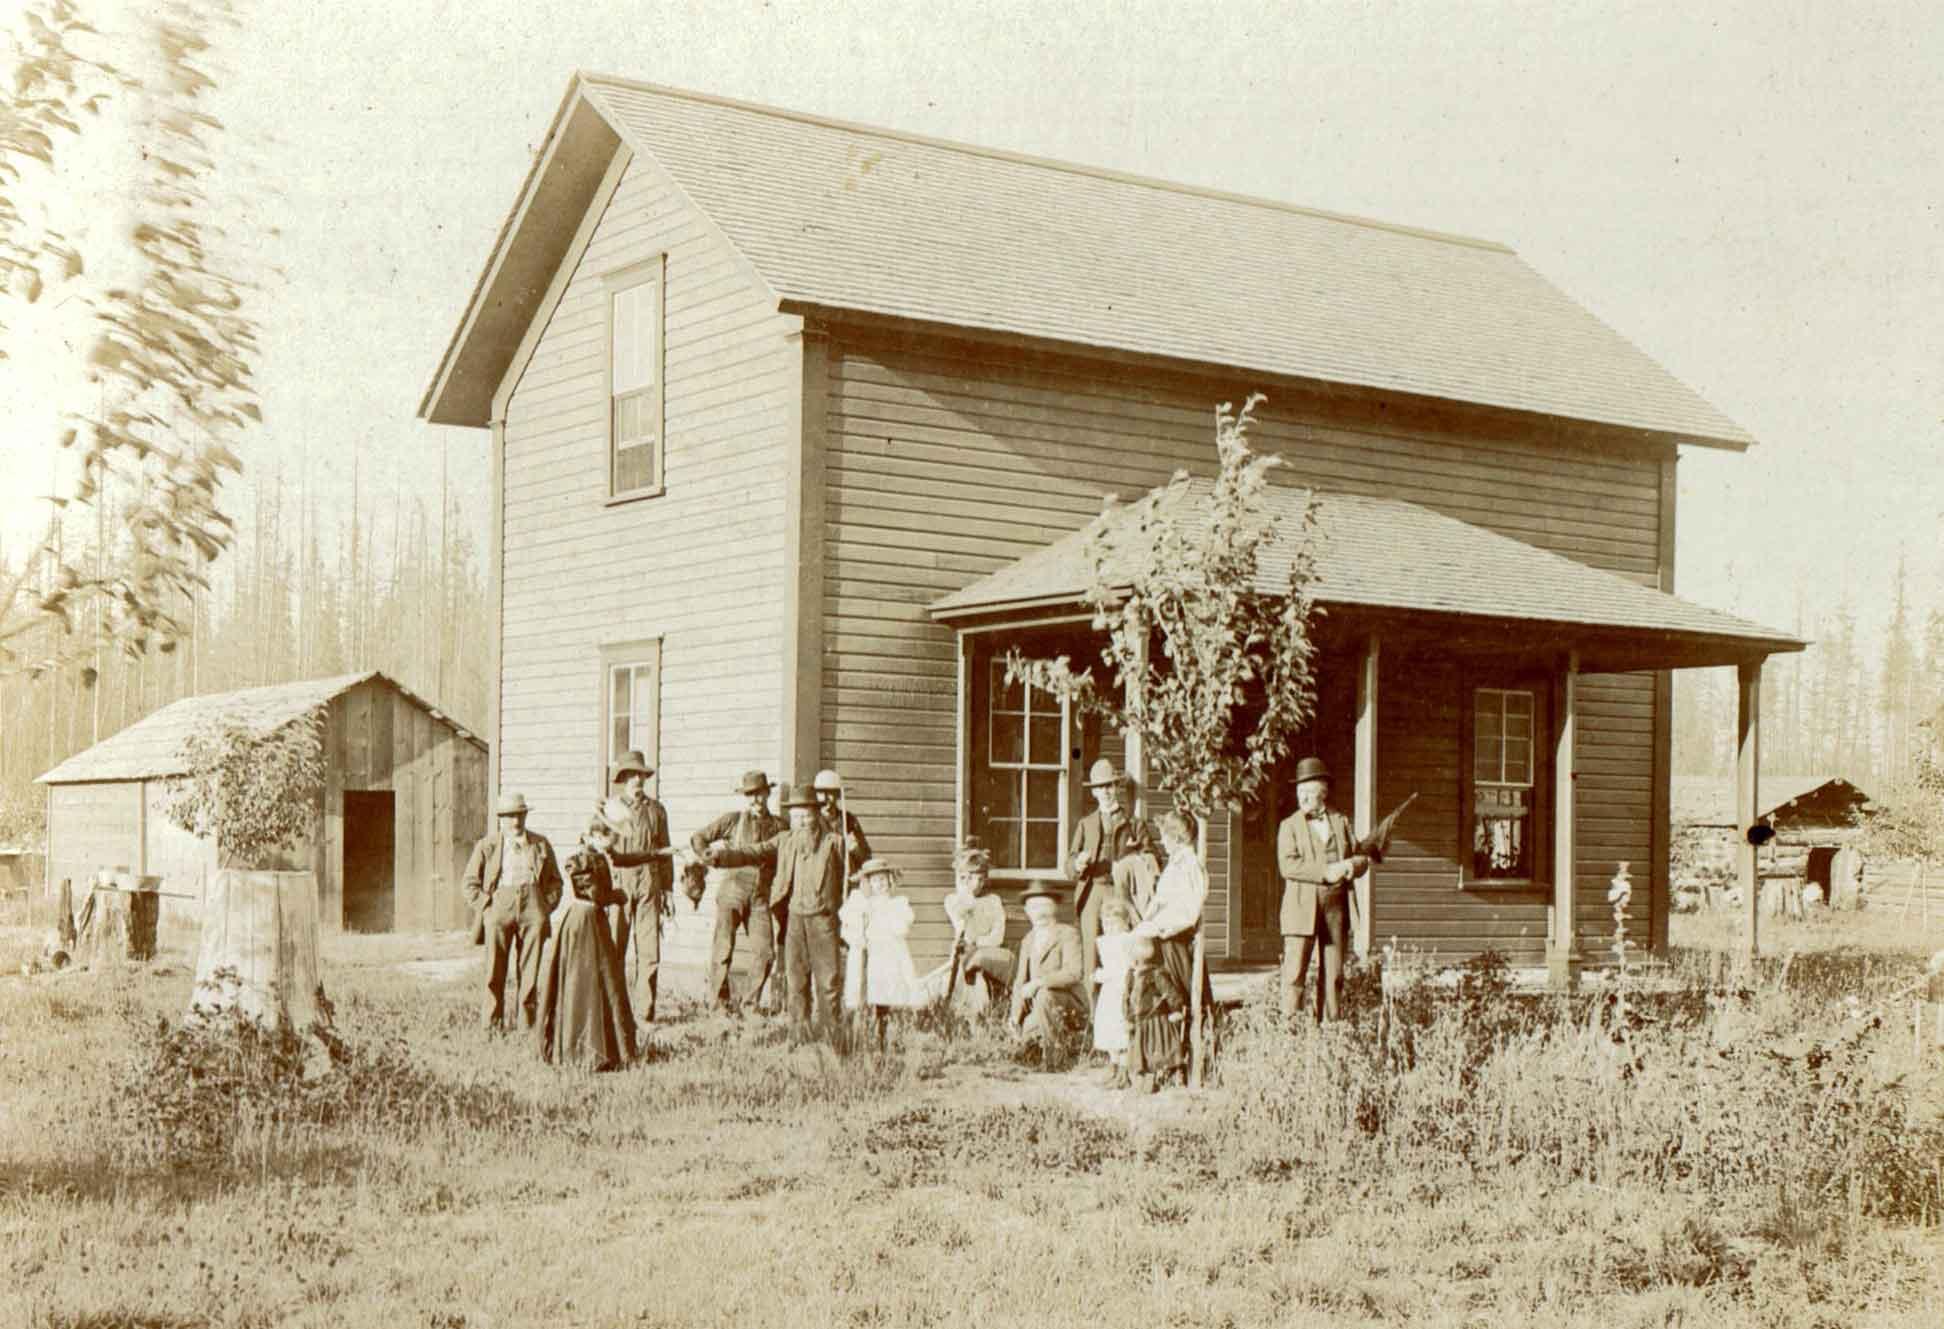 The Tilted Barn - Elsasser Family Homestead